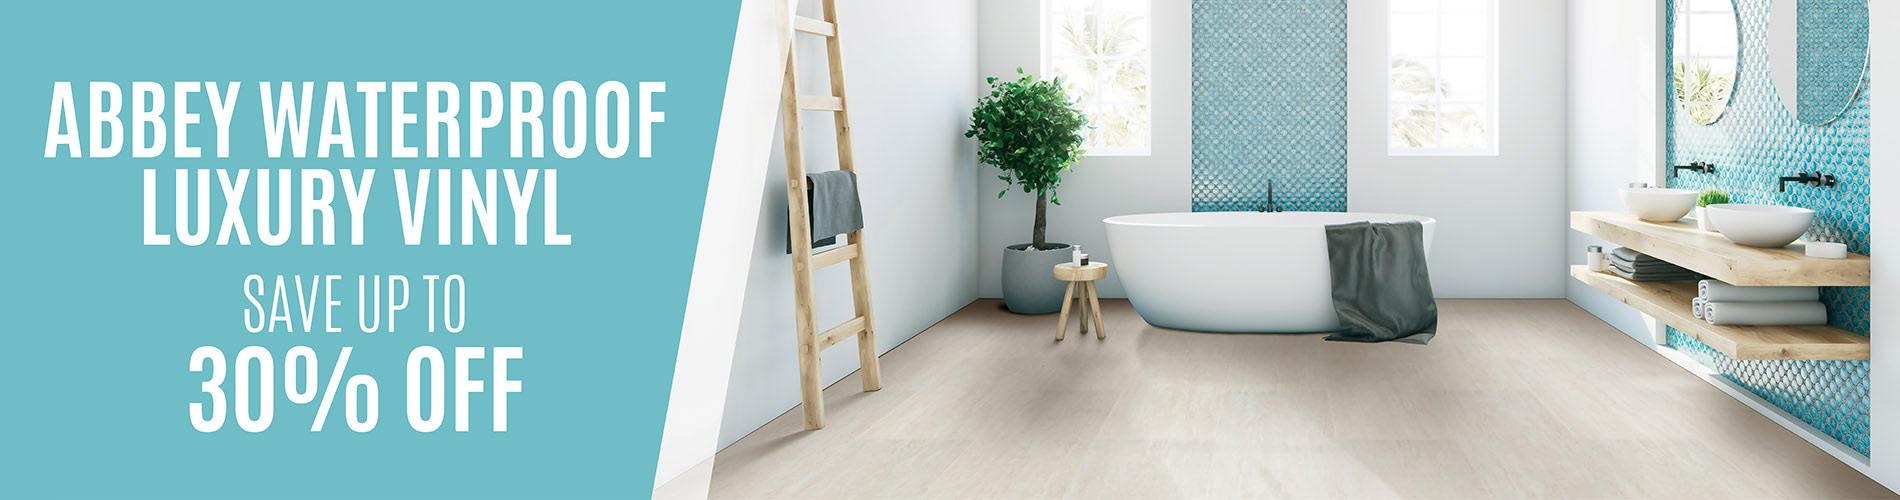 Save up to 30% off Abbey waterproof luxury vinyl flooring